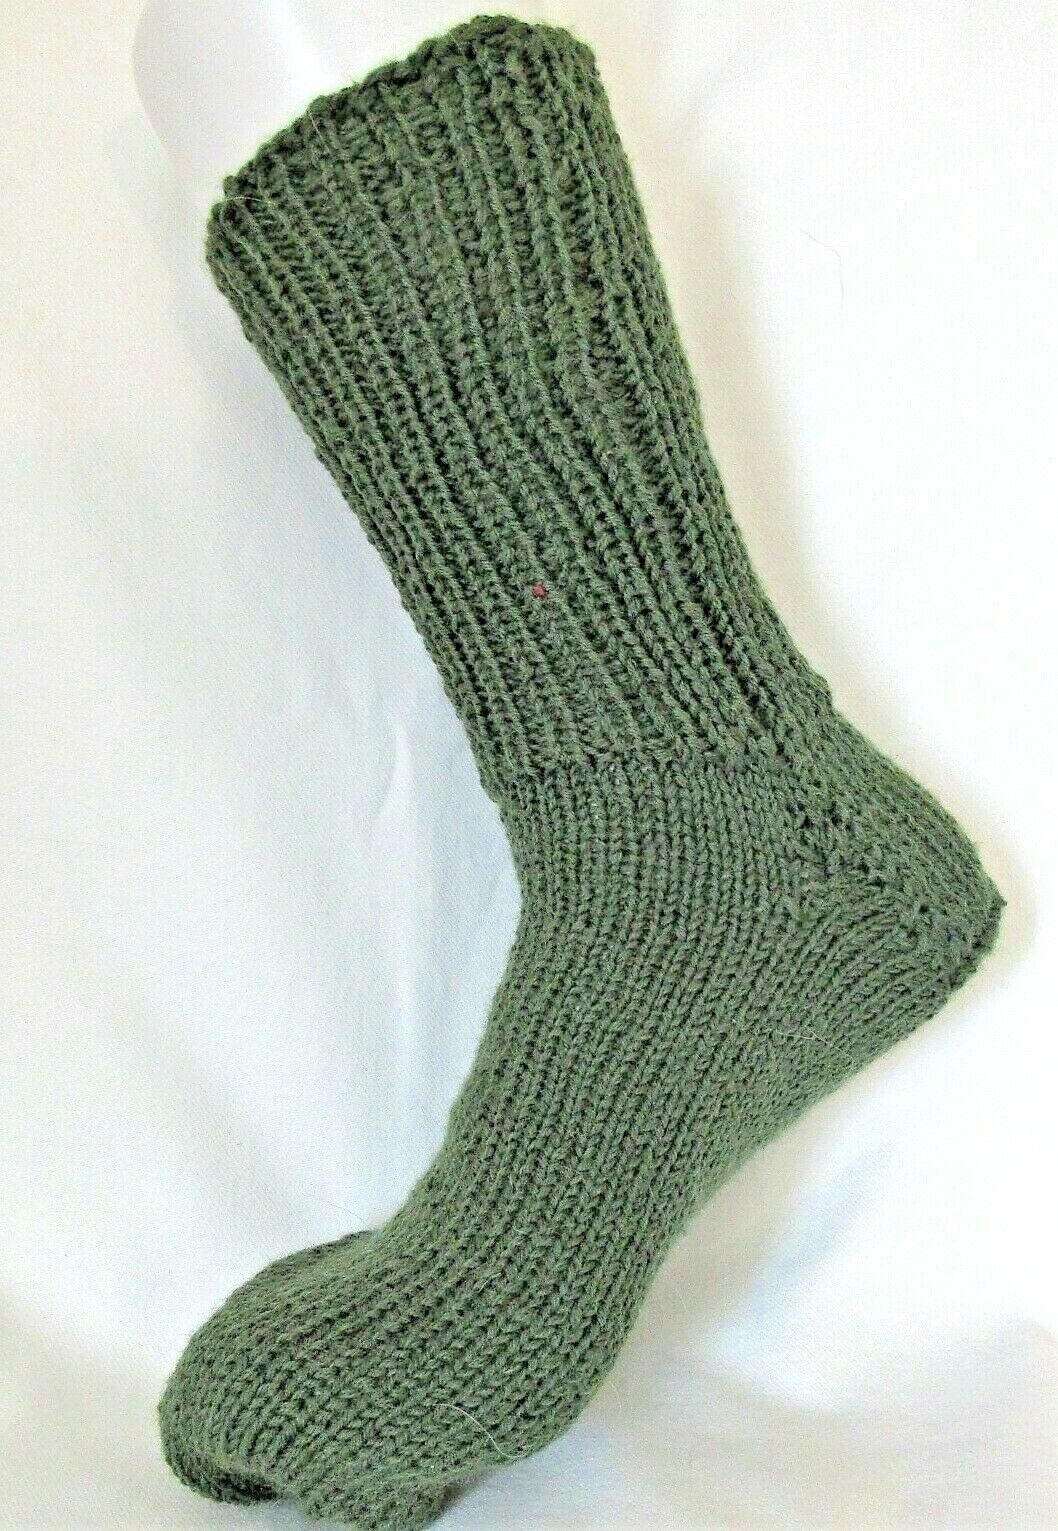 Woll-Socken handgestrickt Gr.43-44 Grün 75% Schurwolle